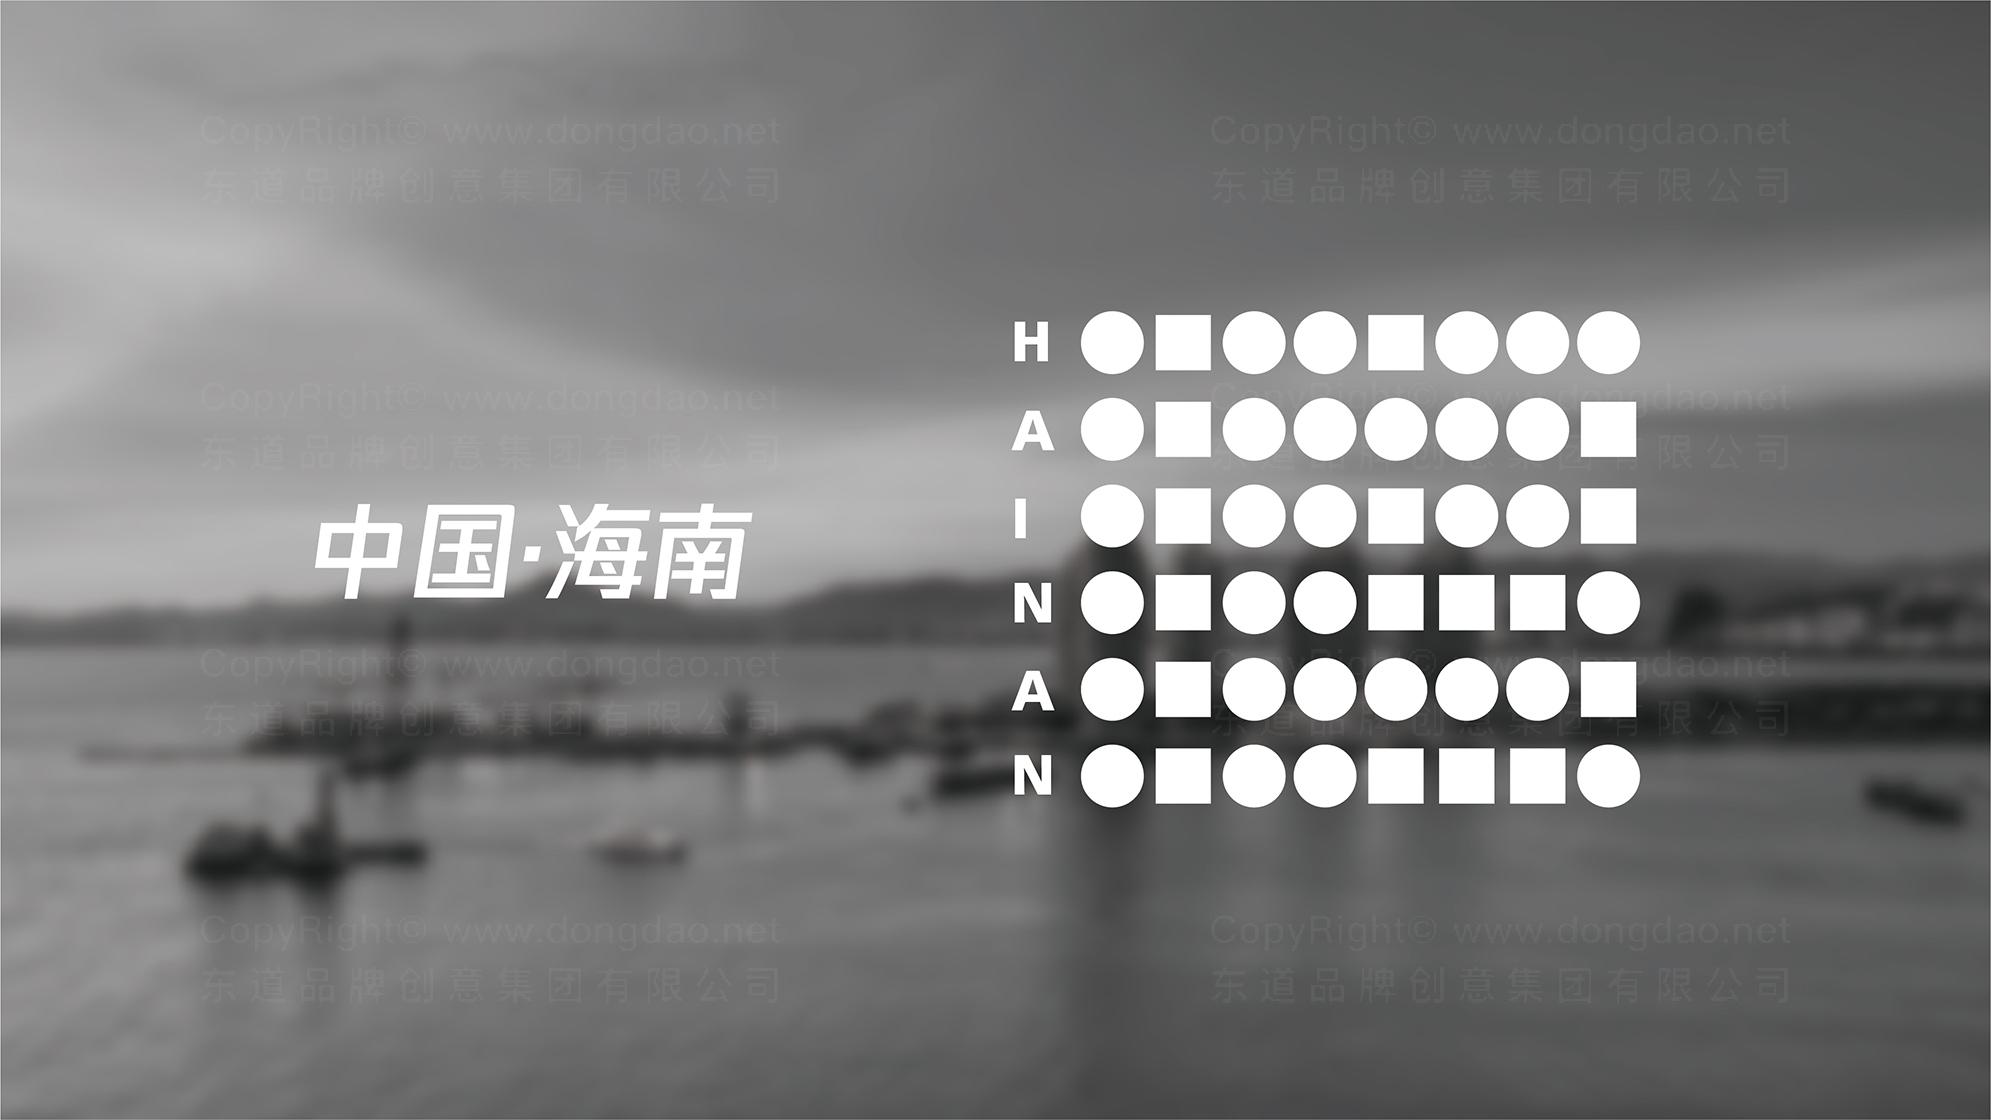 品牌设计数字文明大会标志设计应用场景_3